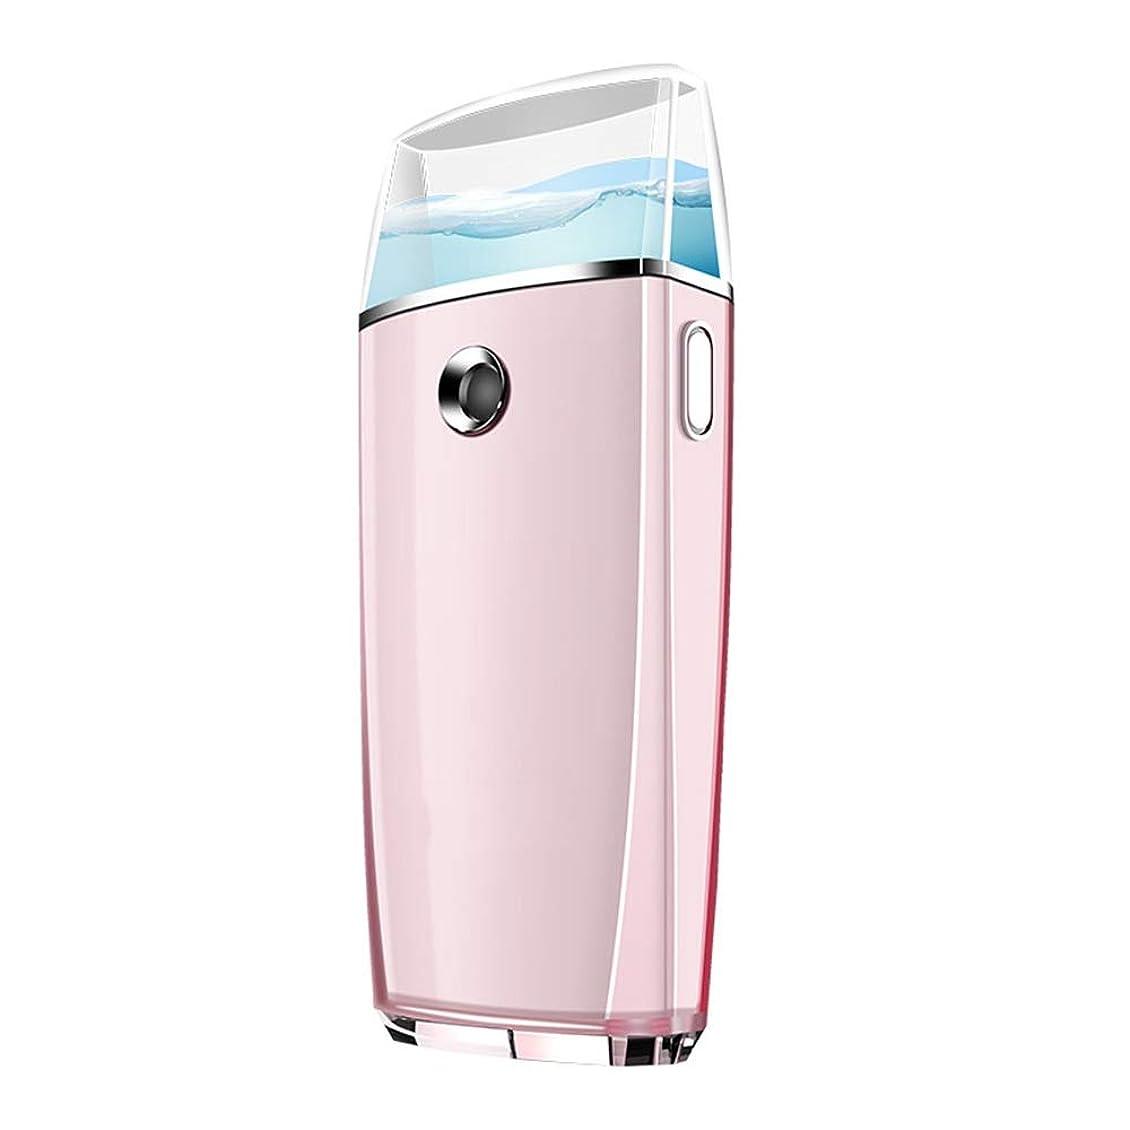 キッチン囲む沼地ZXF ナノスプレー水道メーターポータブル顔美容機器充電表面コールドスプレー機スプレー2ピンクモデルグリーンモデル 滑らかである (色 : Pink)